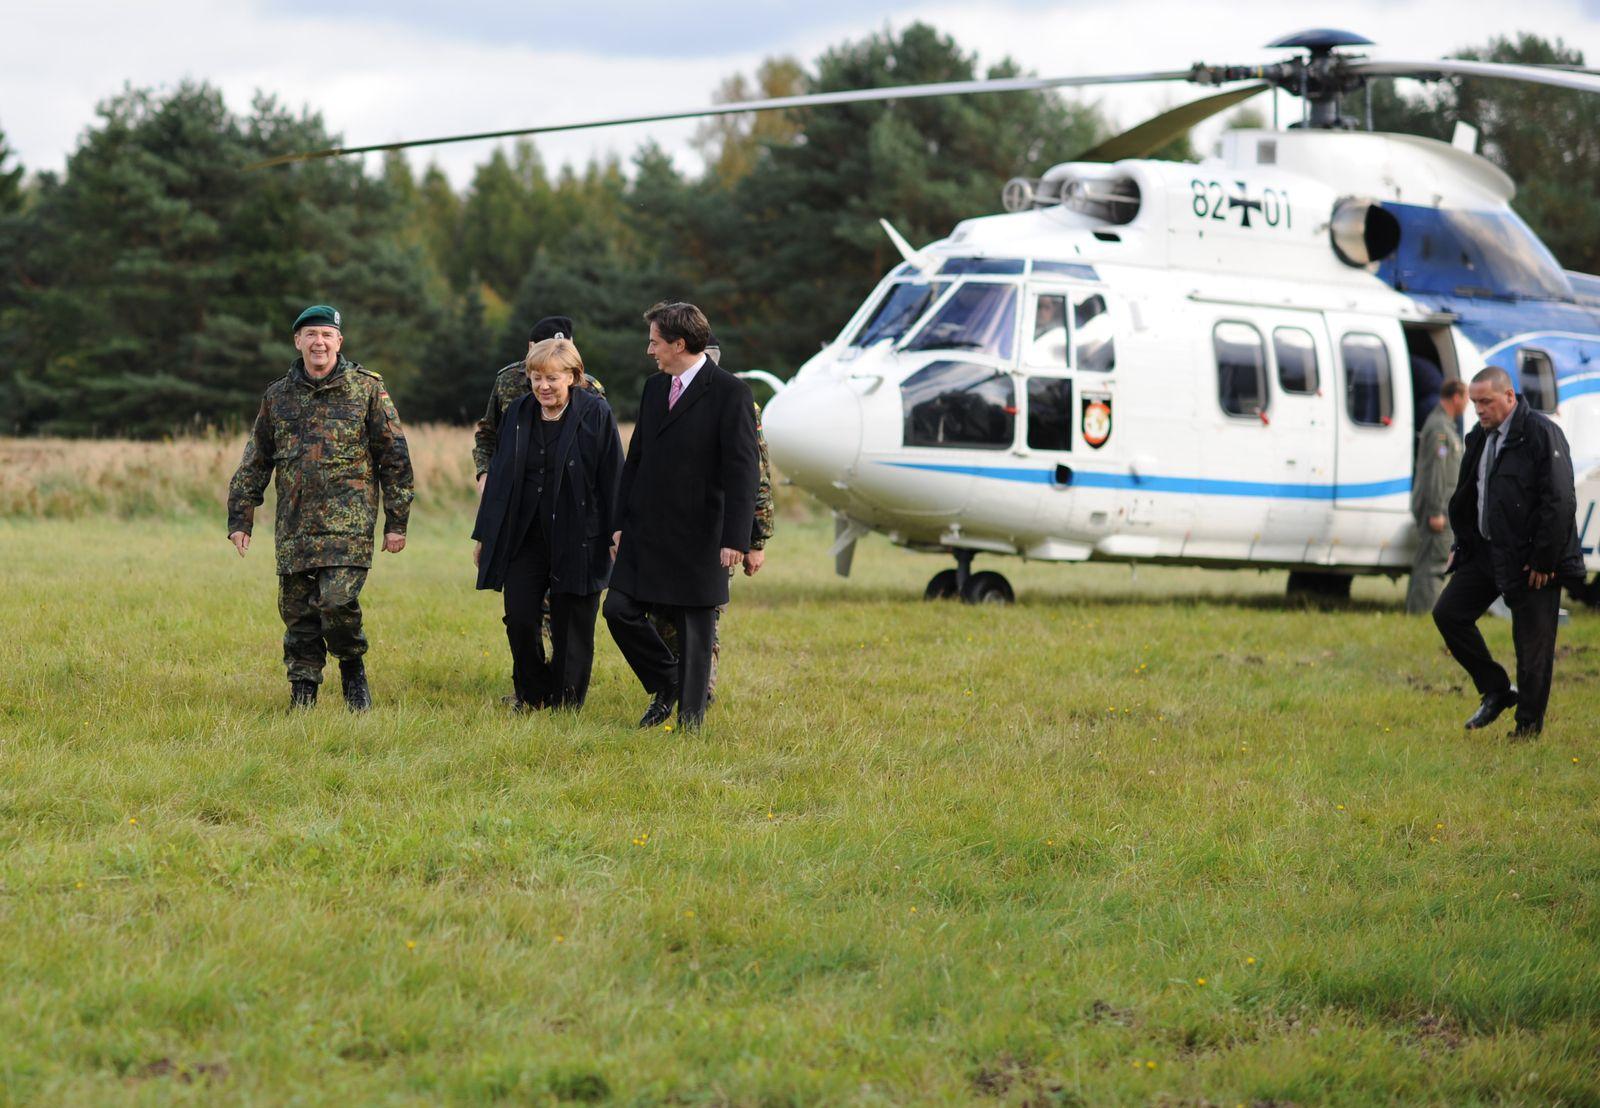 Hubschrauber Angela Merkel